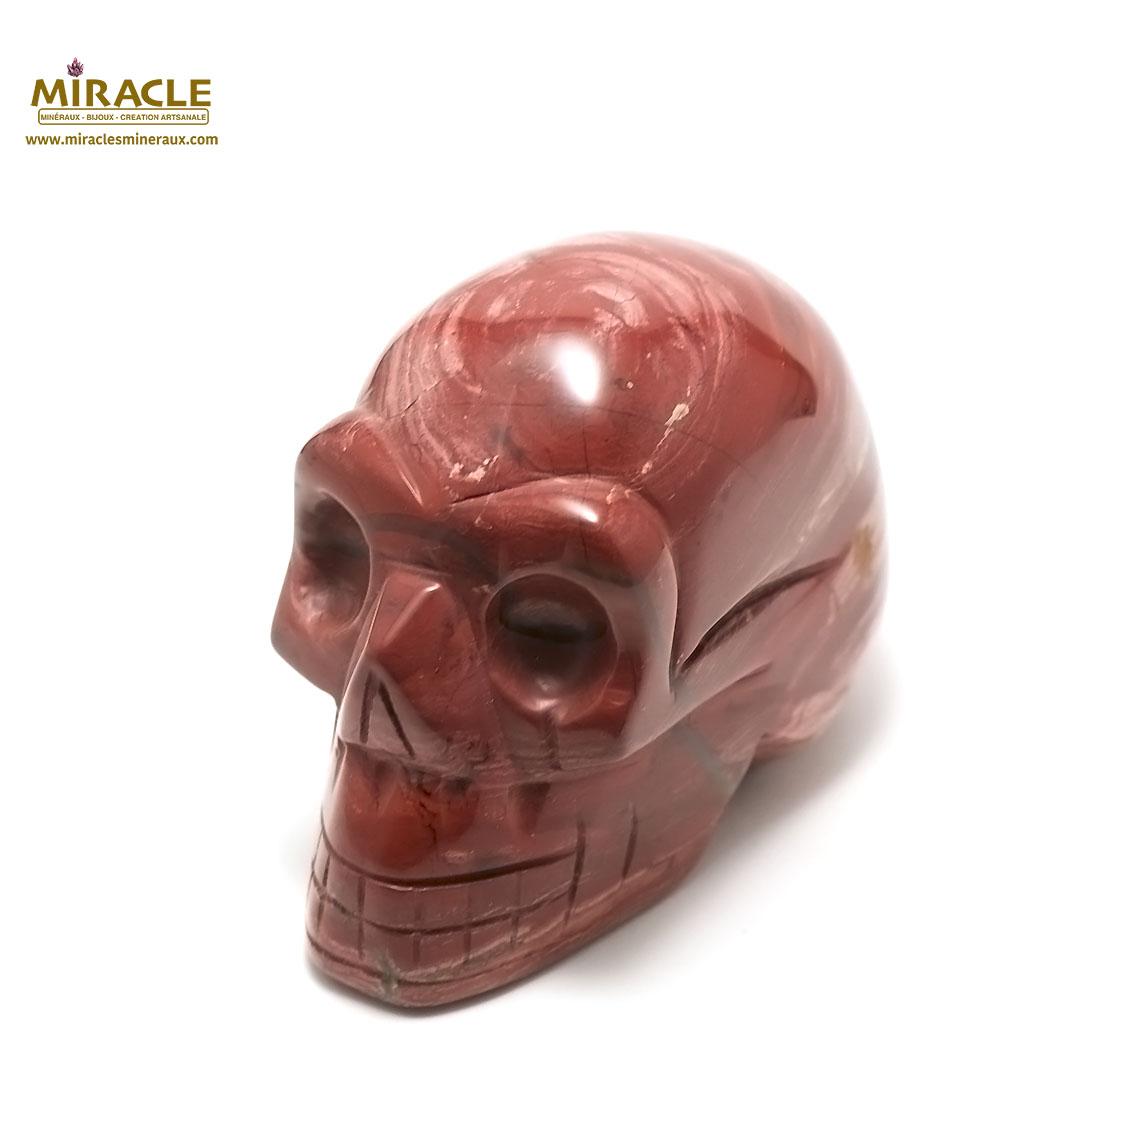 Grande statuette minéraux tête de morten pierre naturelle de jaspe mokaïte